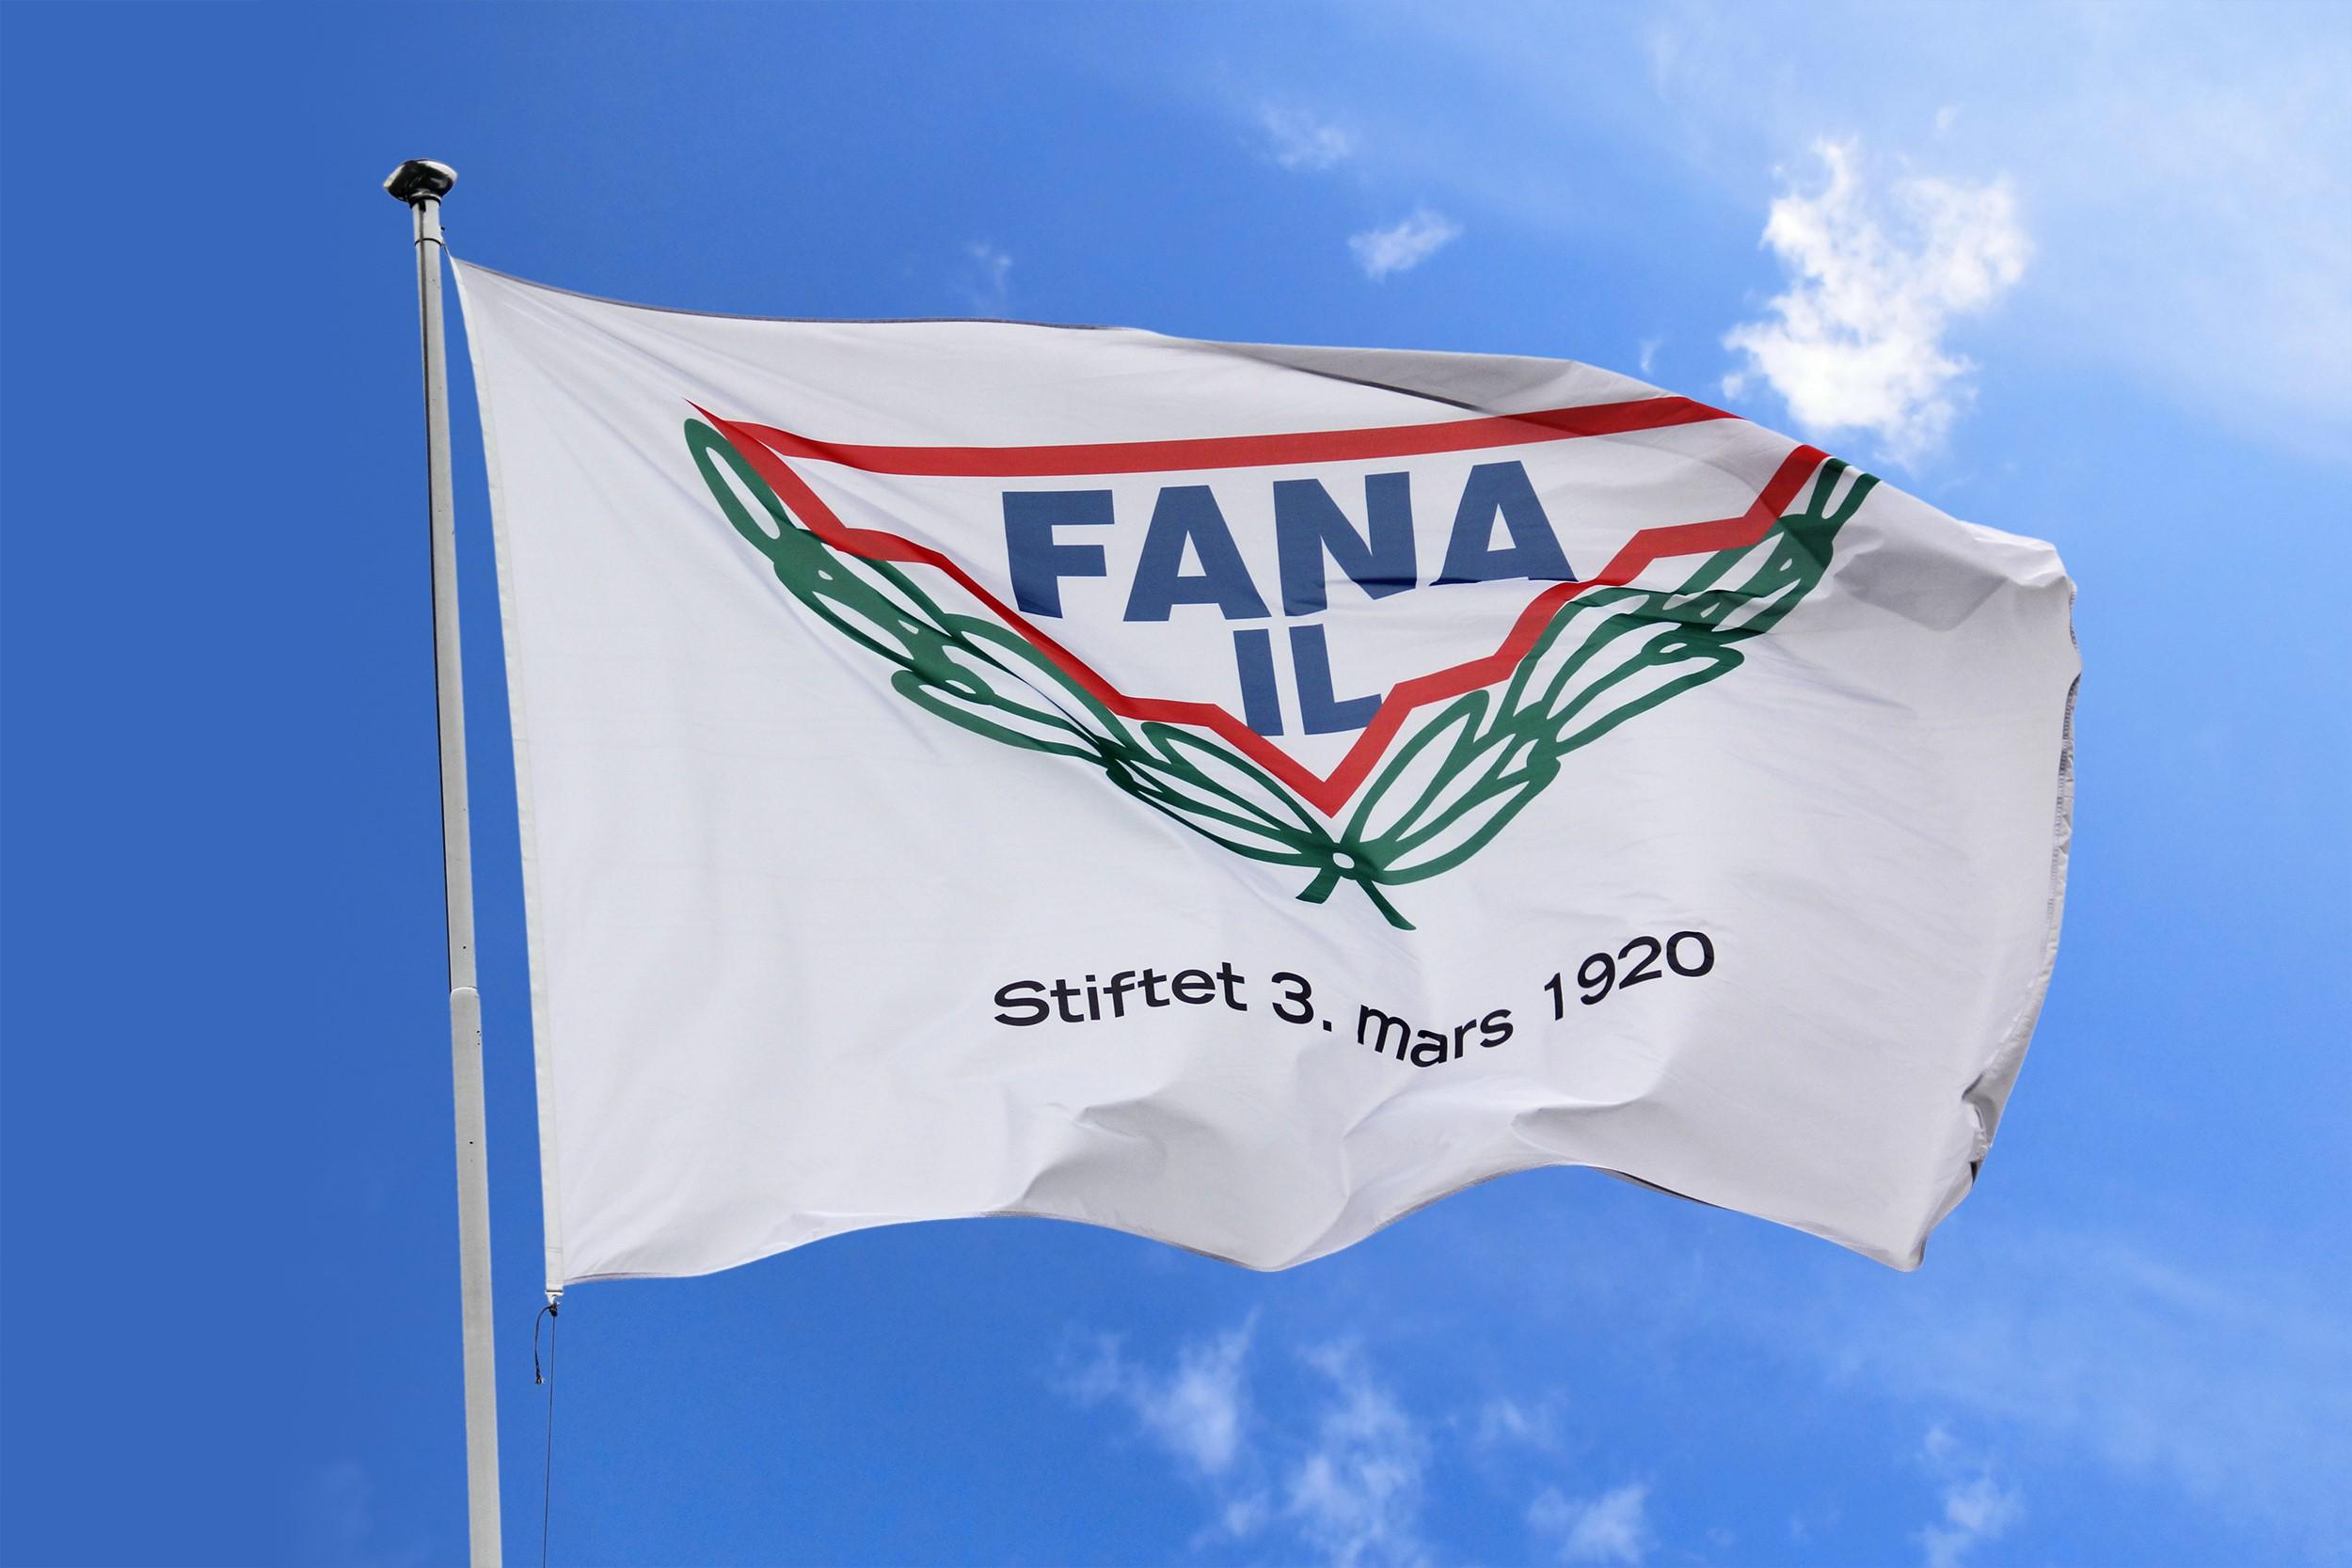 FANA FLAGG